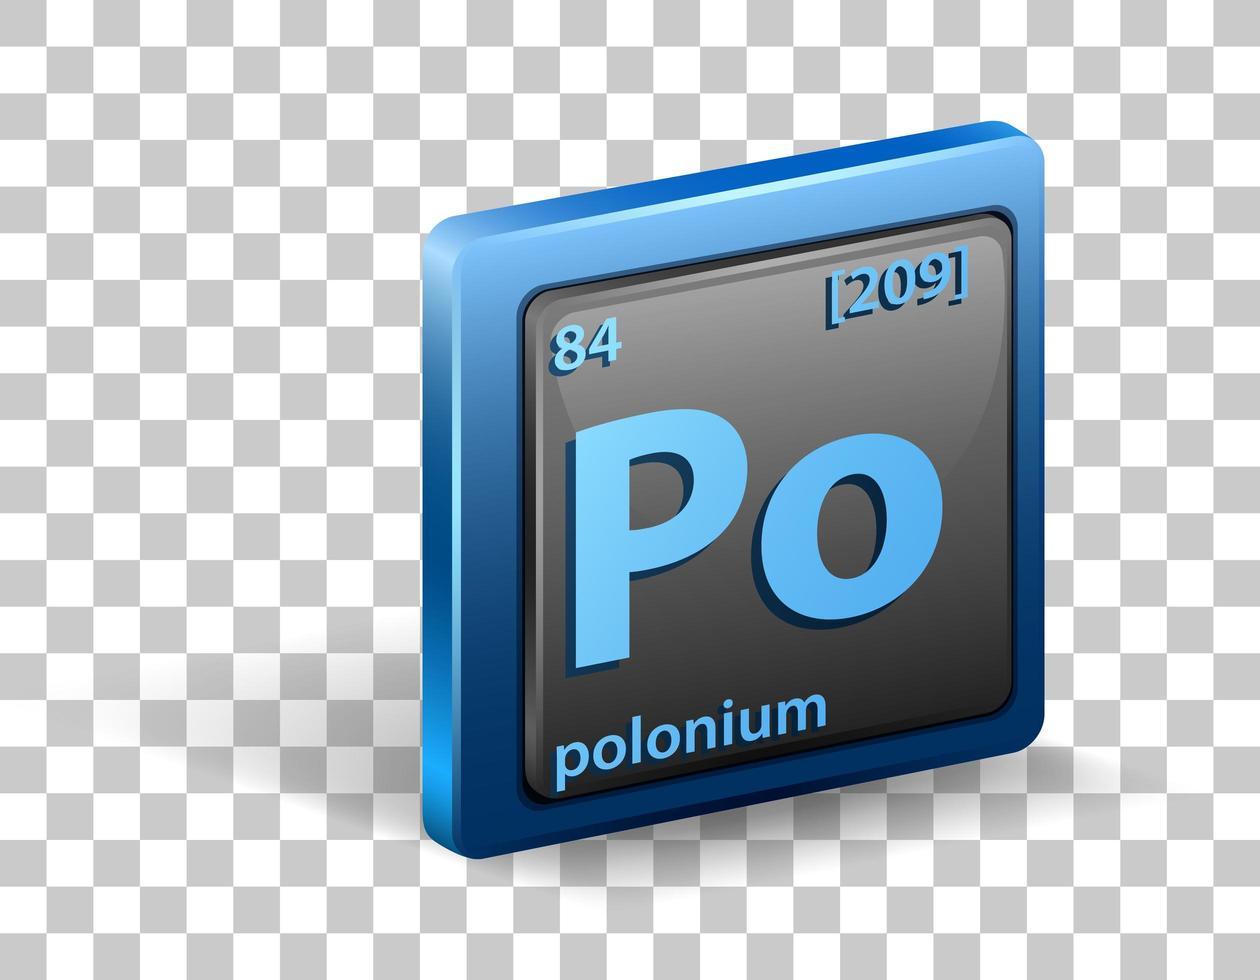 polonium kemiskt element. kemisk symbol med atomnummer och atommassa. vektor